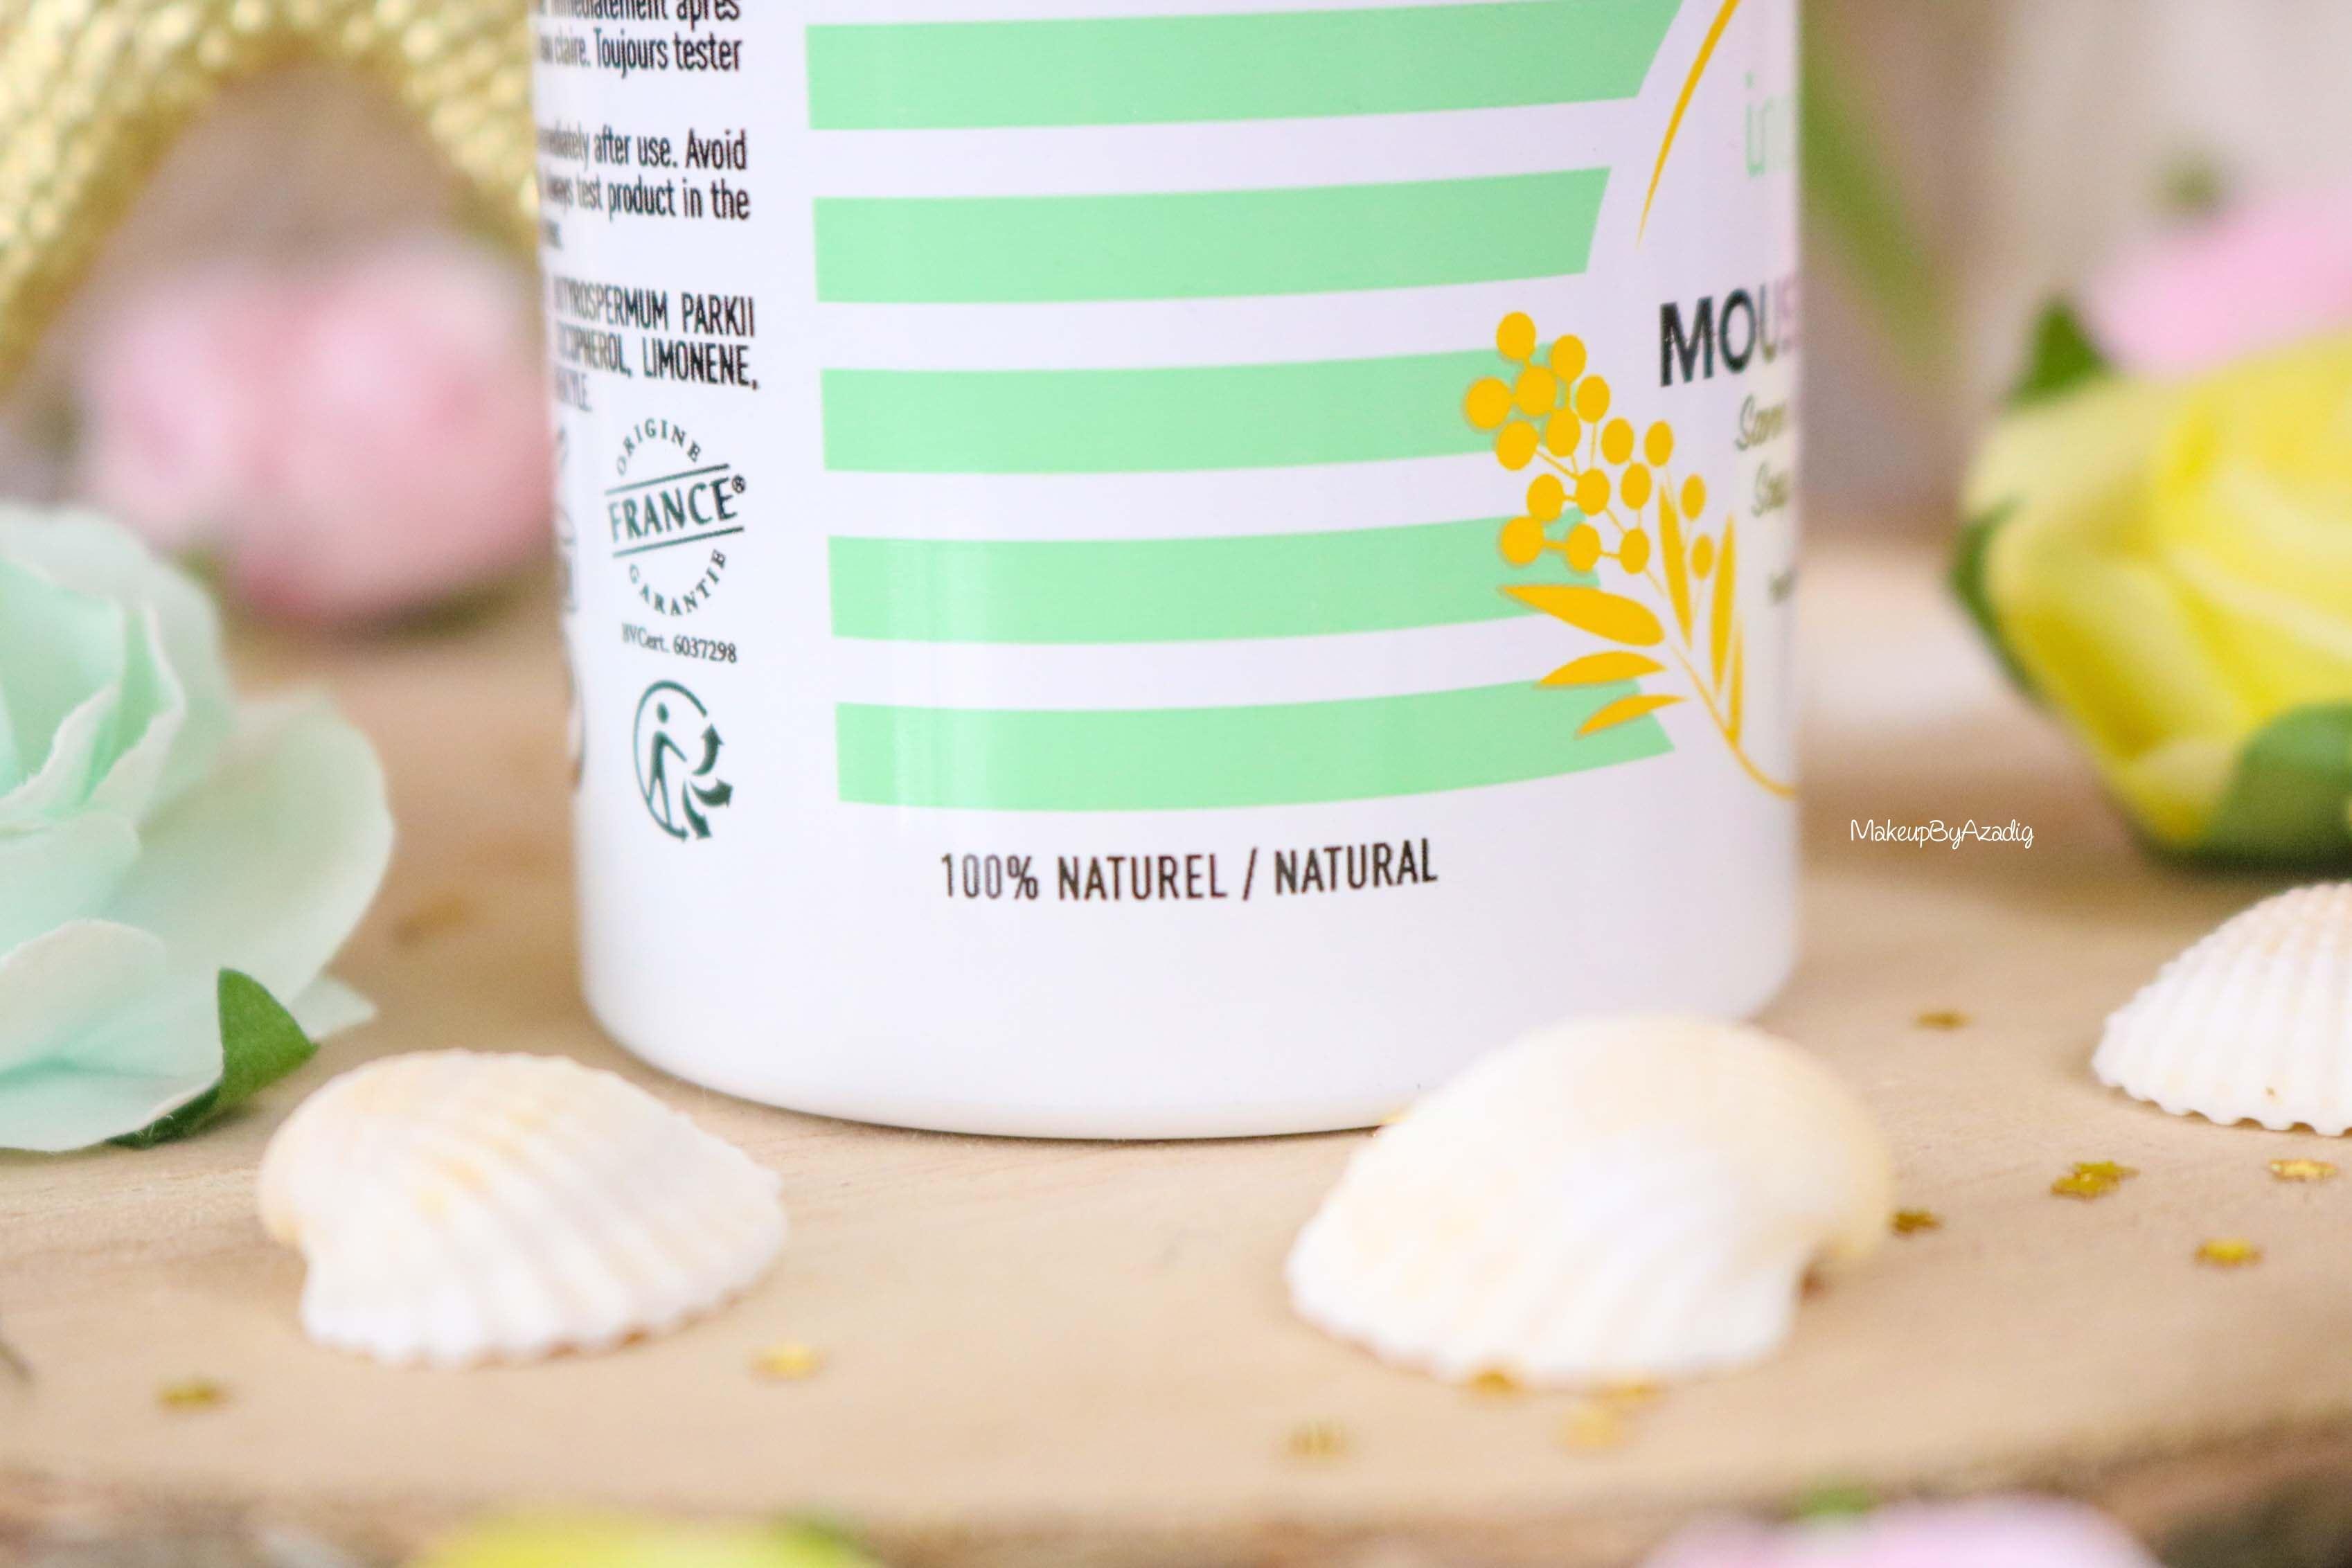 savon-saupoudrer-famille-enfant-moussaillon-indemne-avis-prix-makeupbyazadig-limitee-mimosa-provence-toulouse-natural